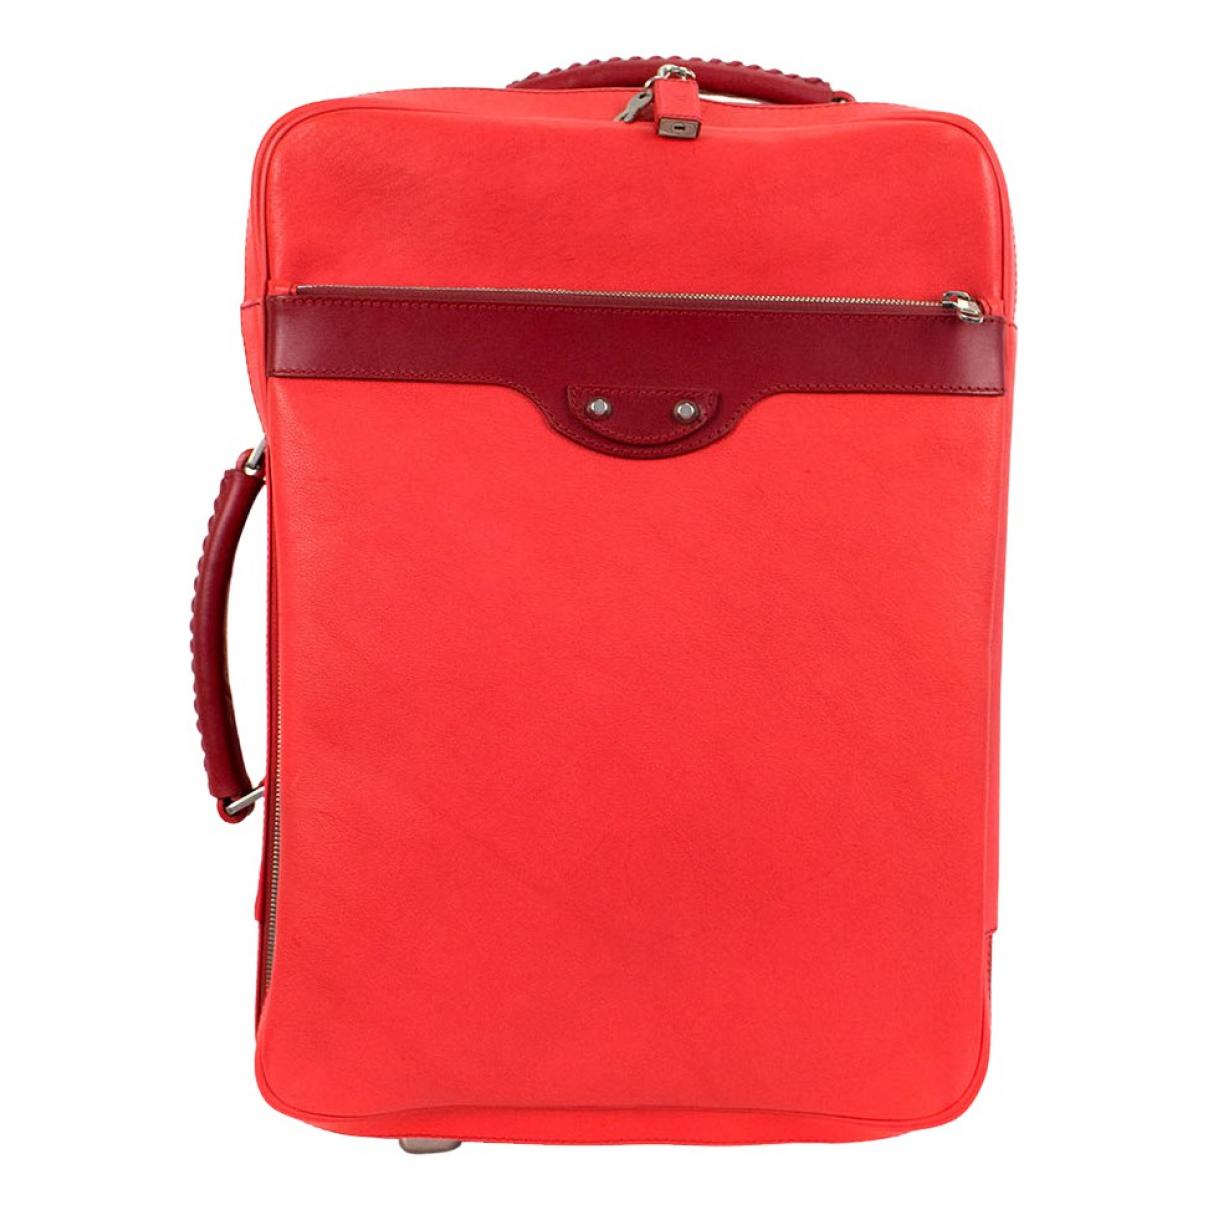 Balenciaga - Sac de voyage   pour femme en cuir - rouge